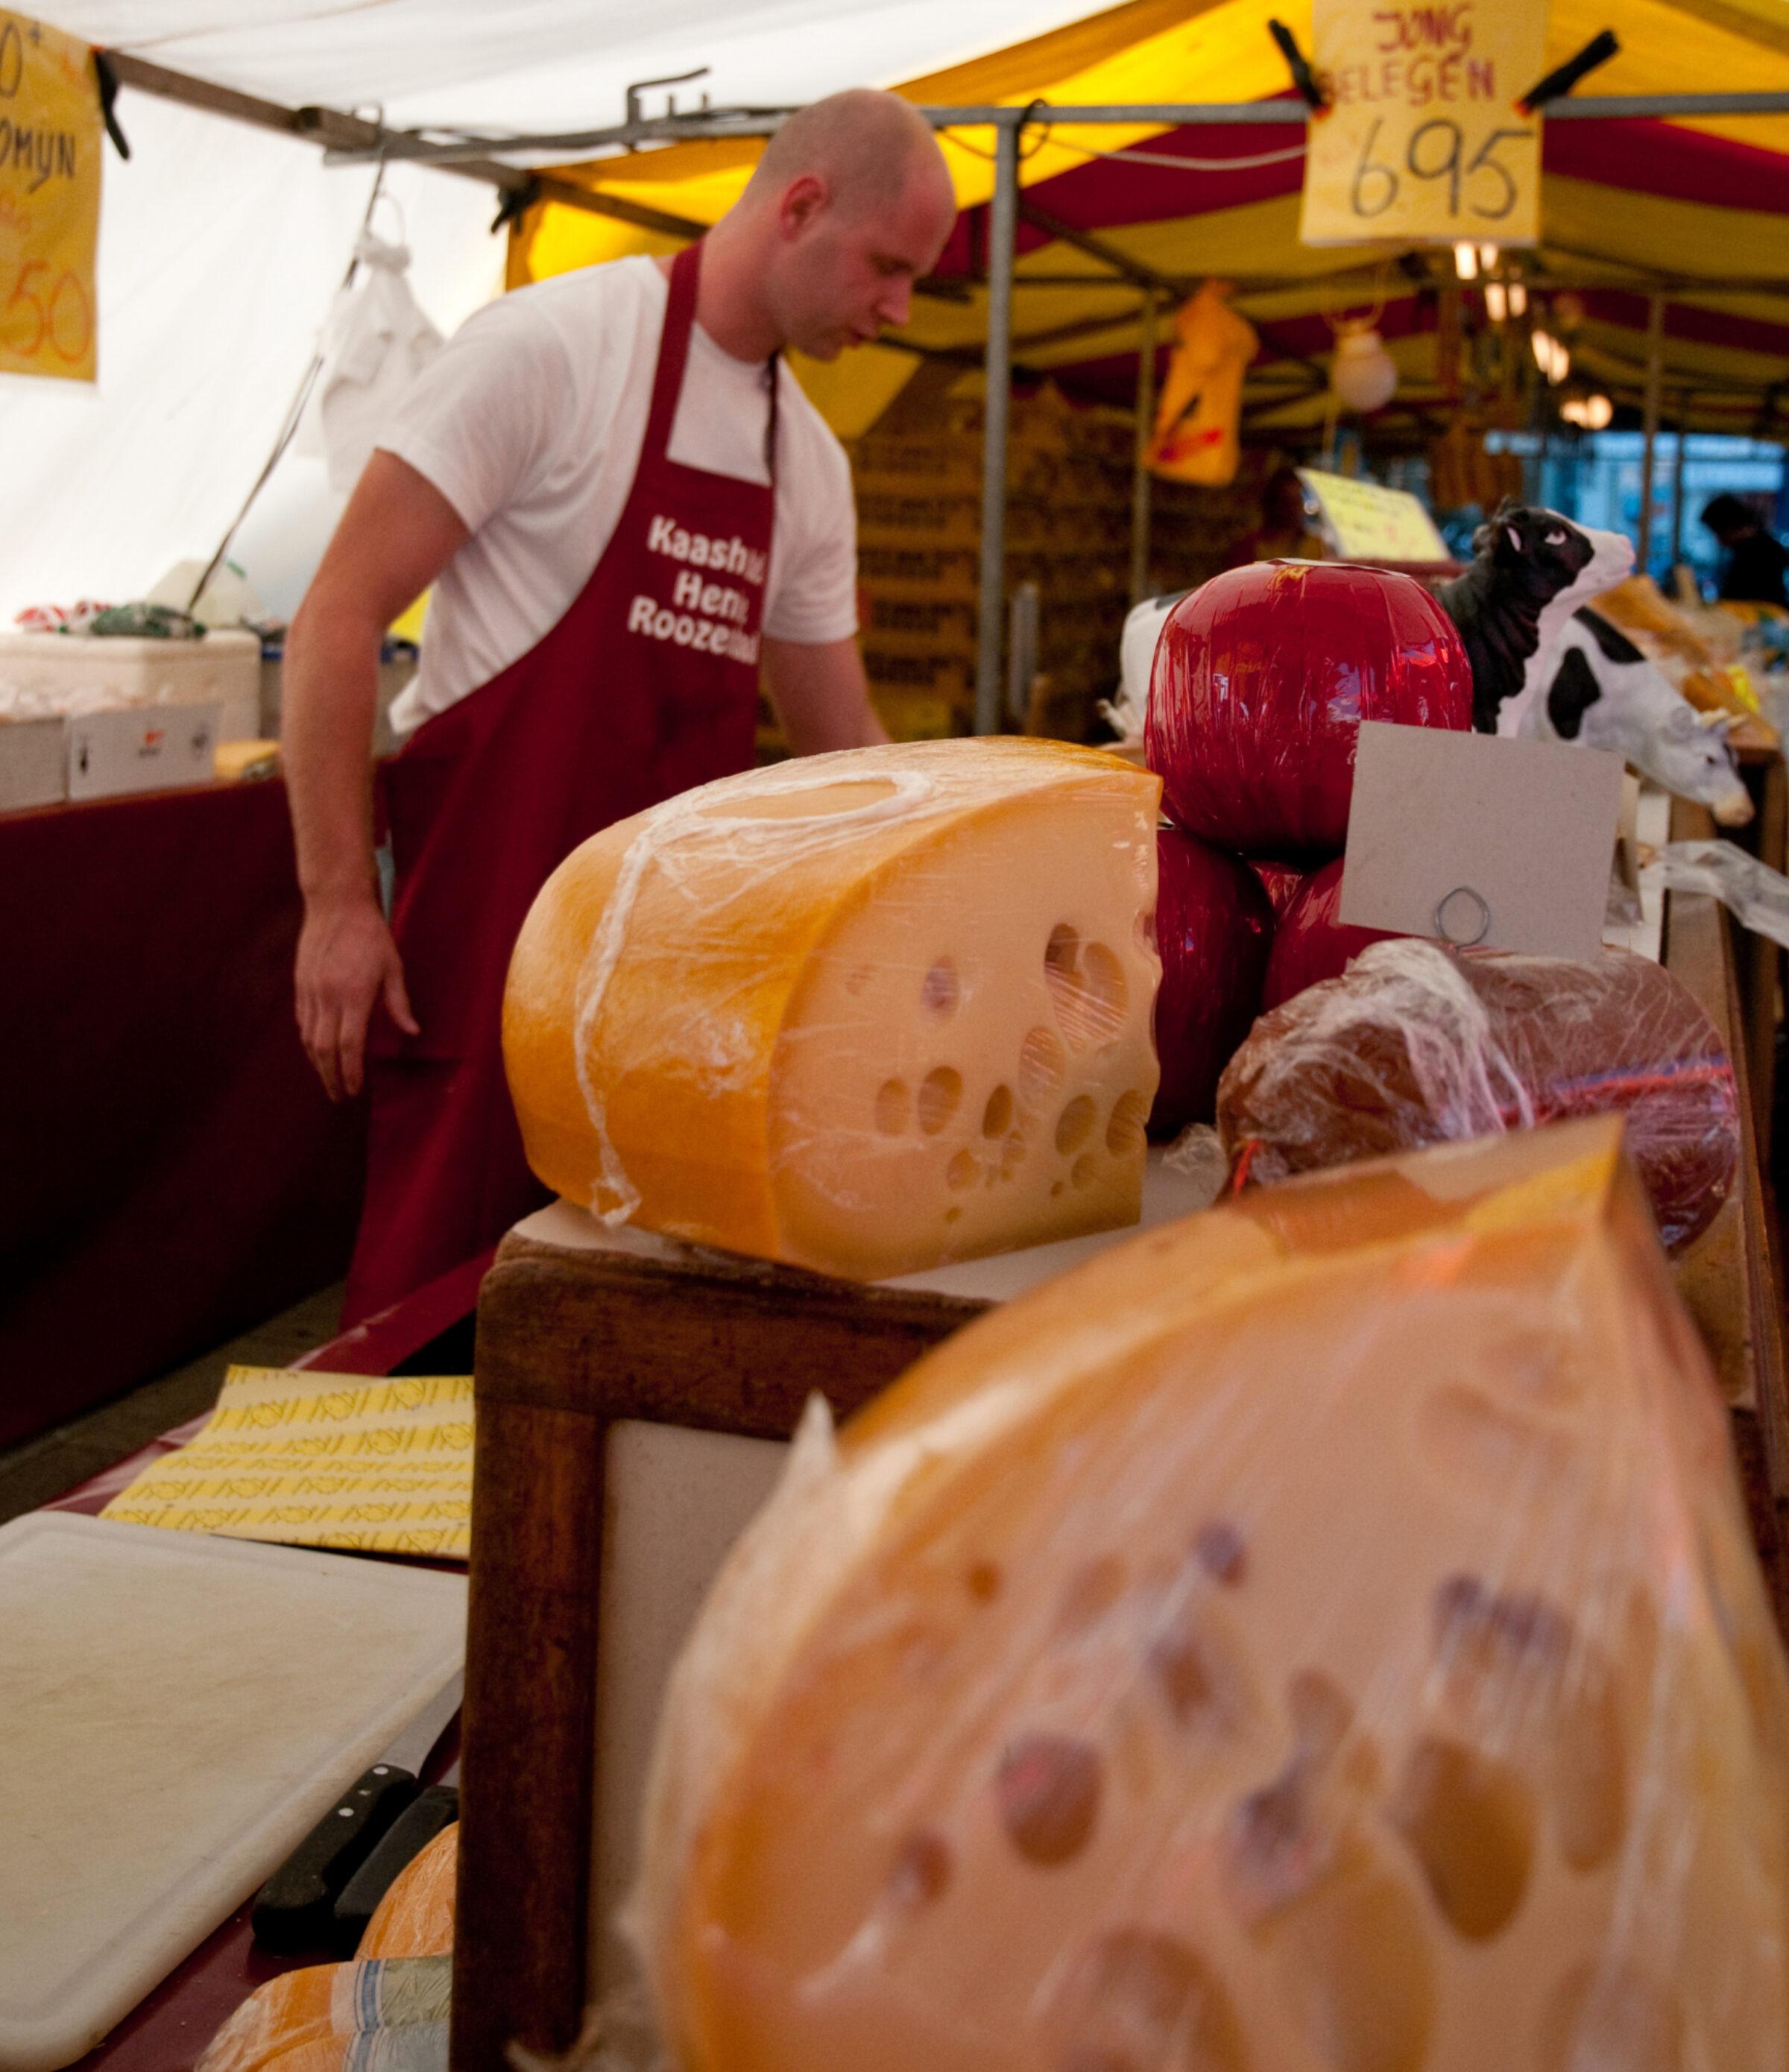 2009 Jeffrey Pardoen Markt Winkelen 10